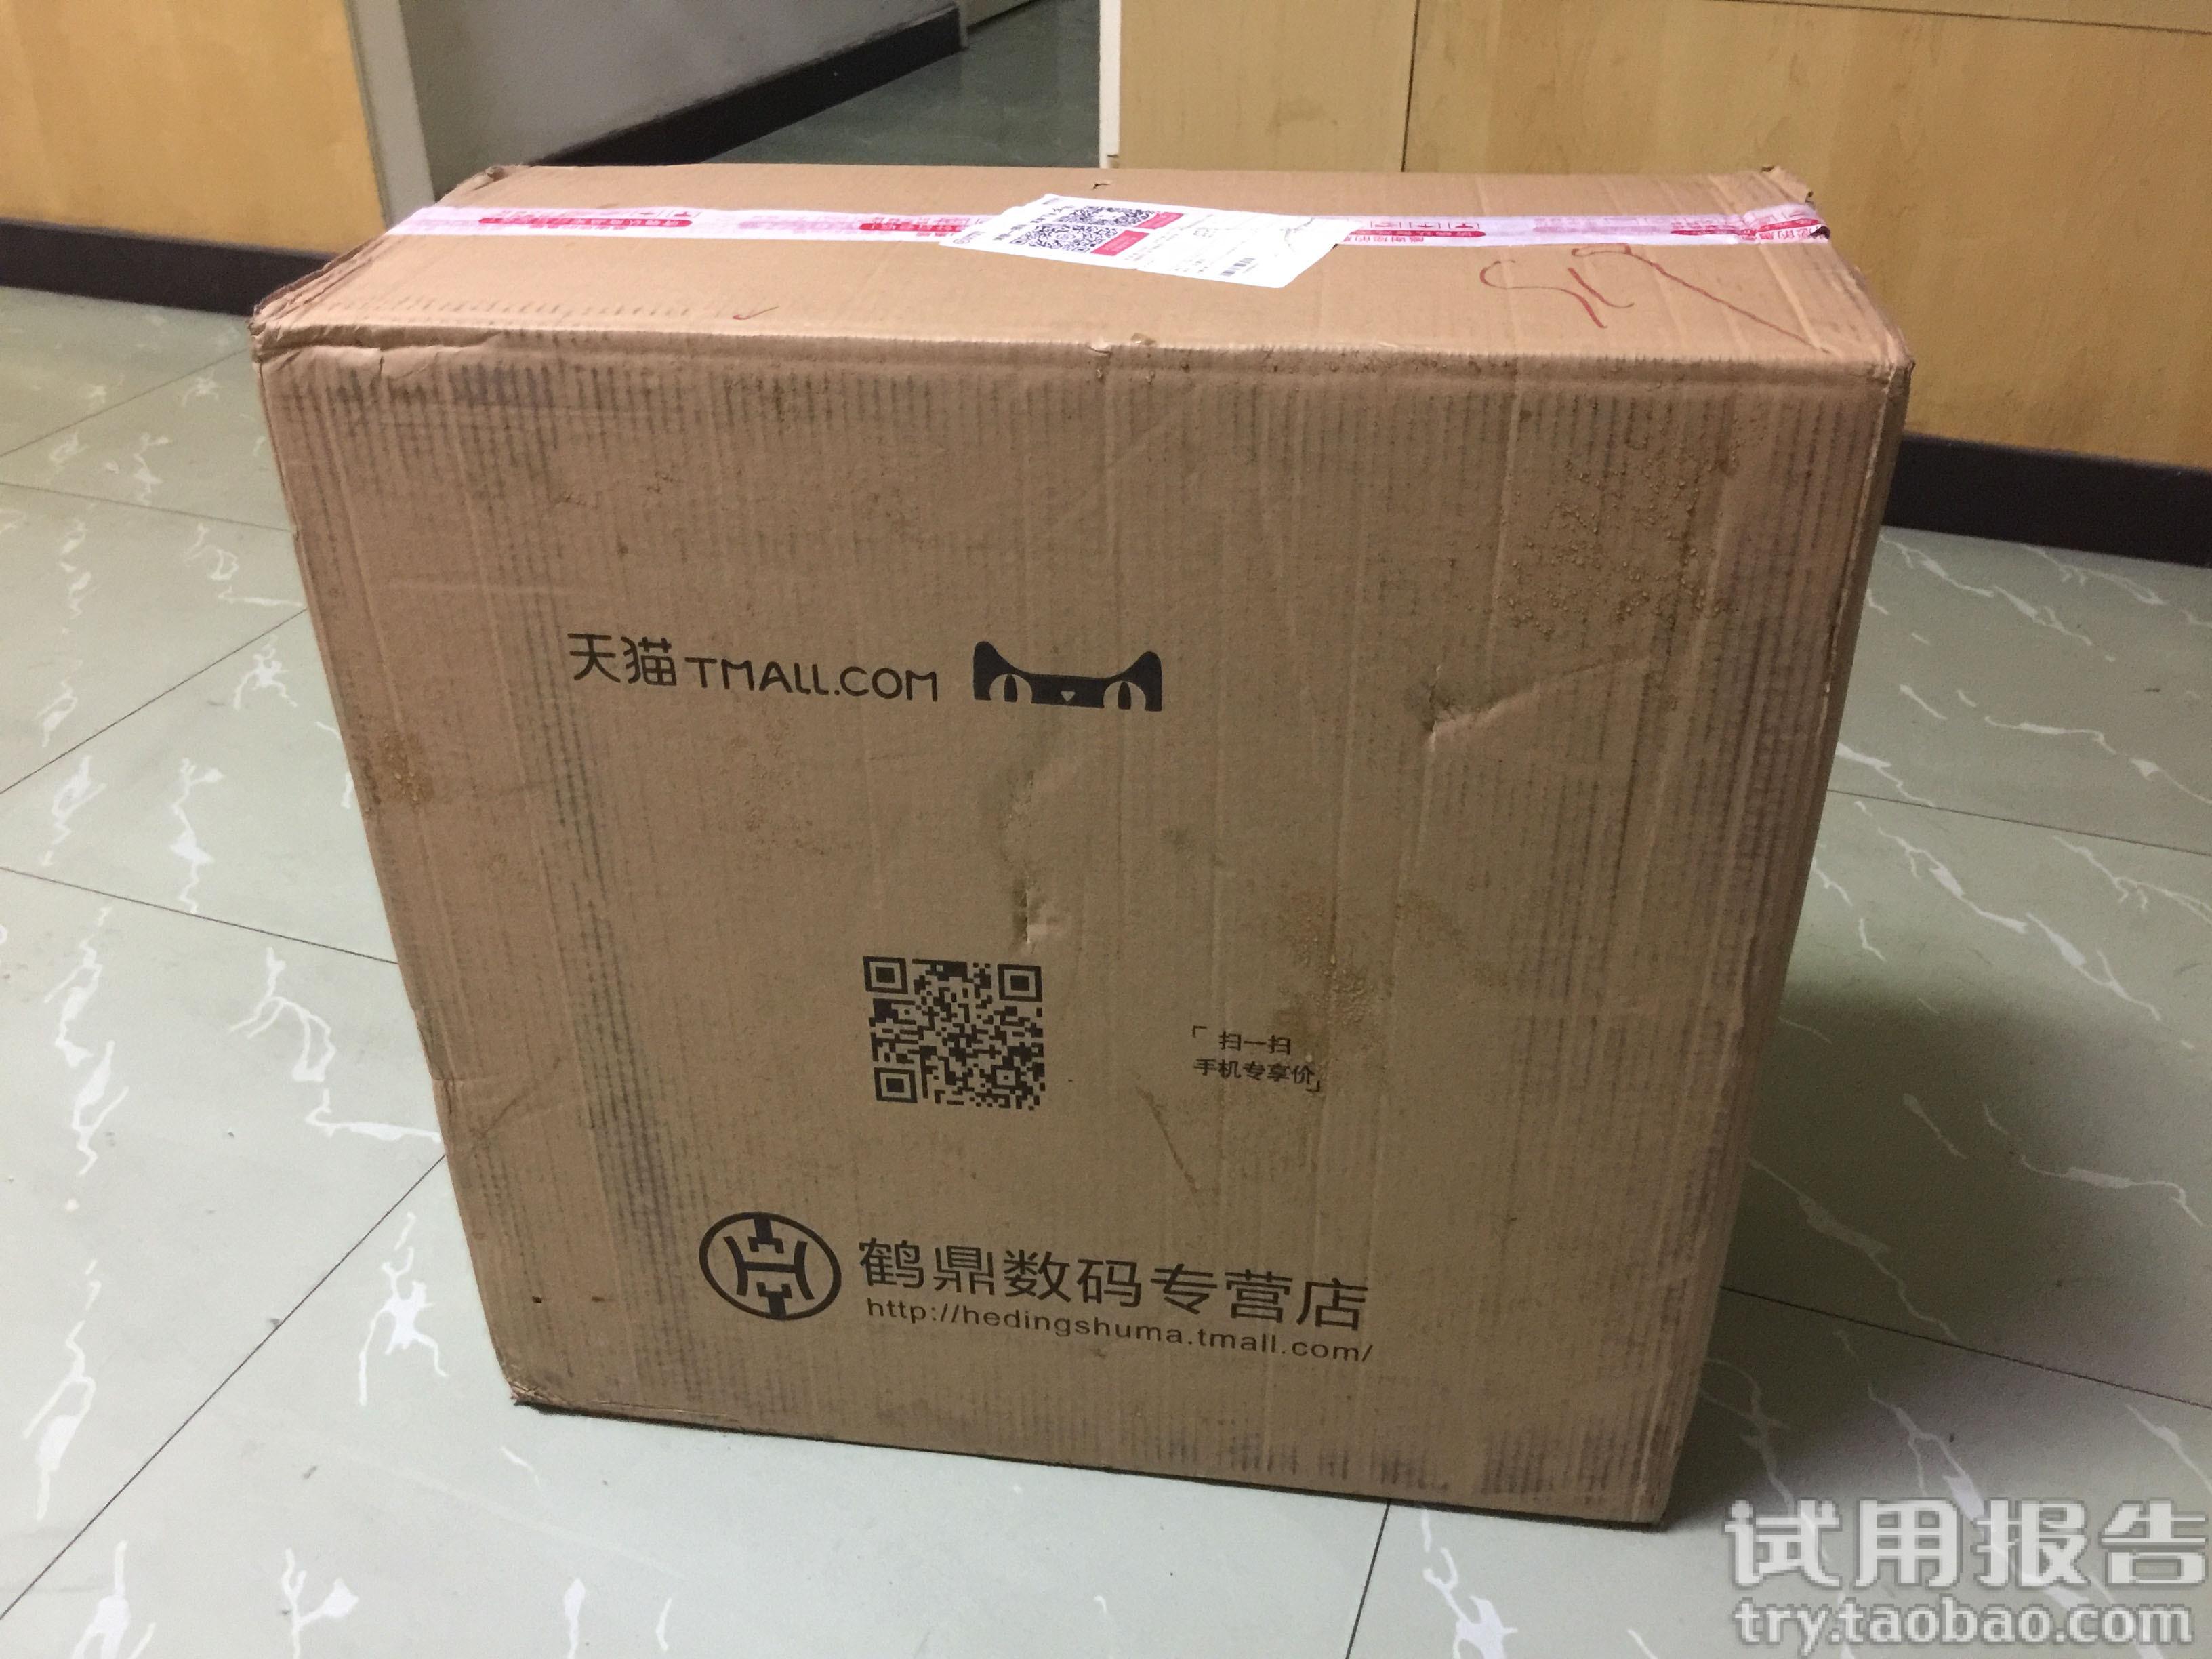 鑫谷水冷分体式台式电脑主机箱测评